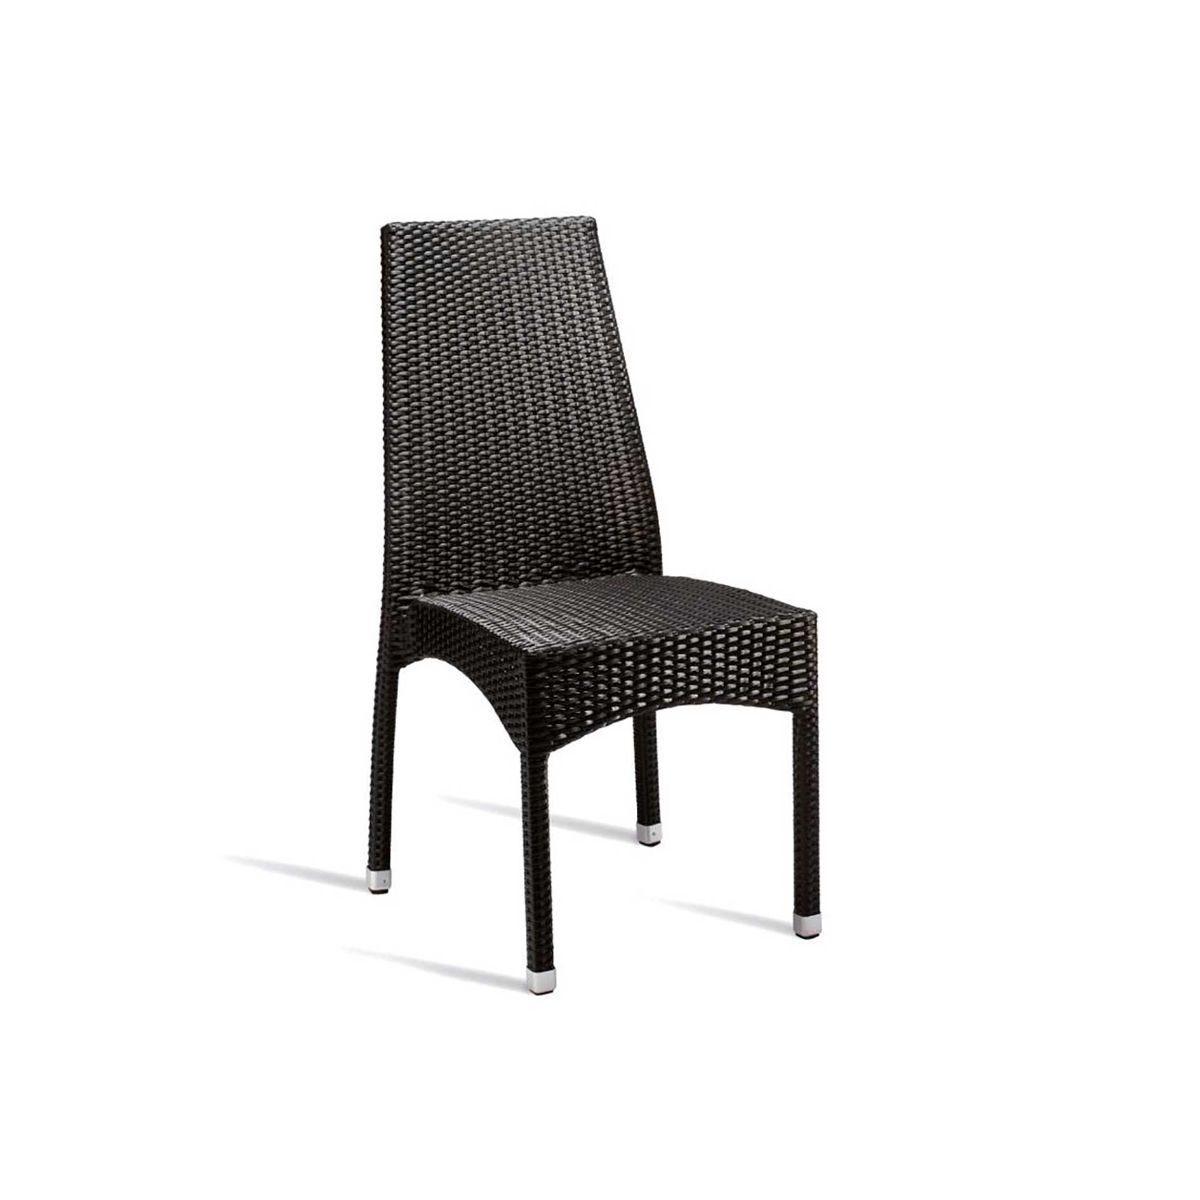 Leaf Wicker Weave Side Chair in Black